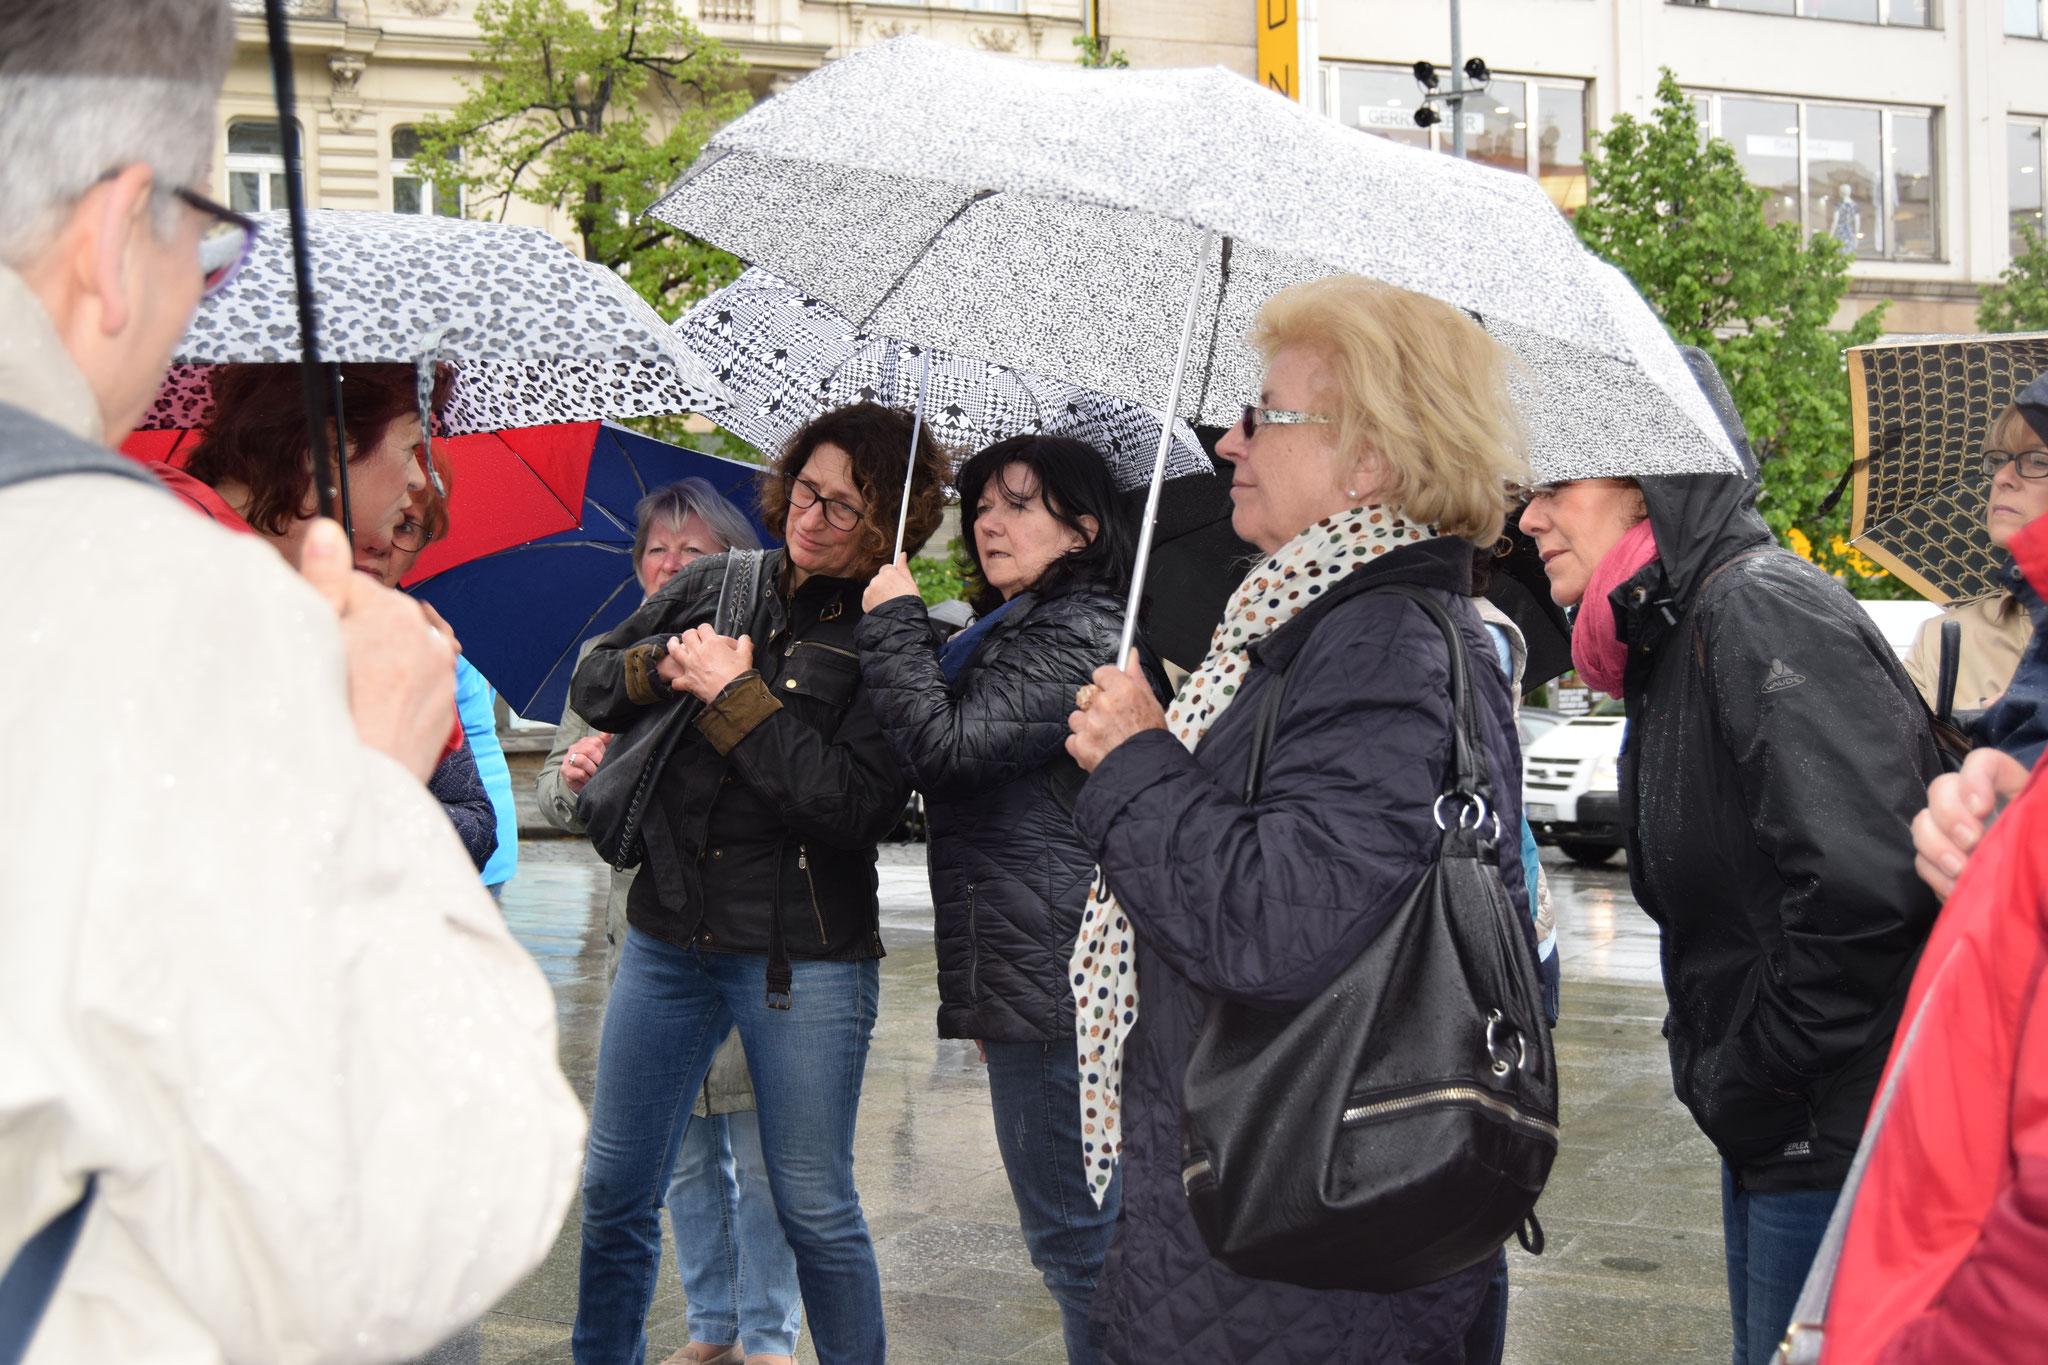 Prag: auch ein kurzer Regentag betrübt die Laune nicht